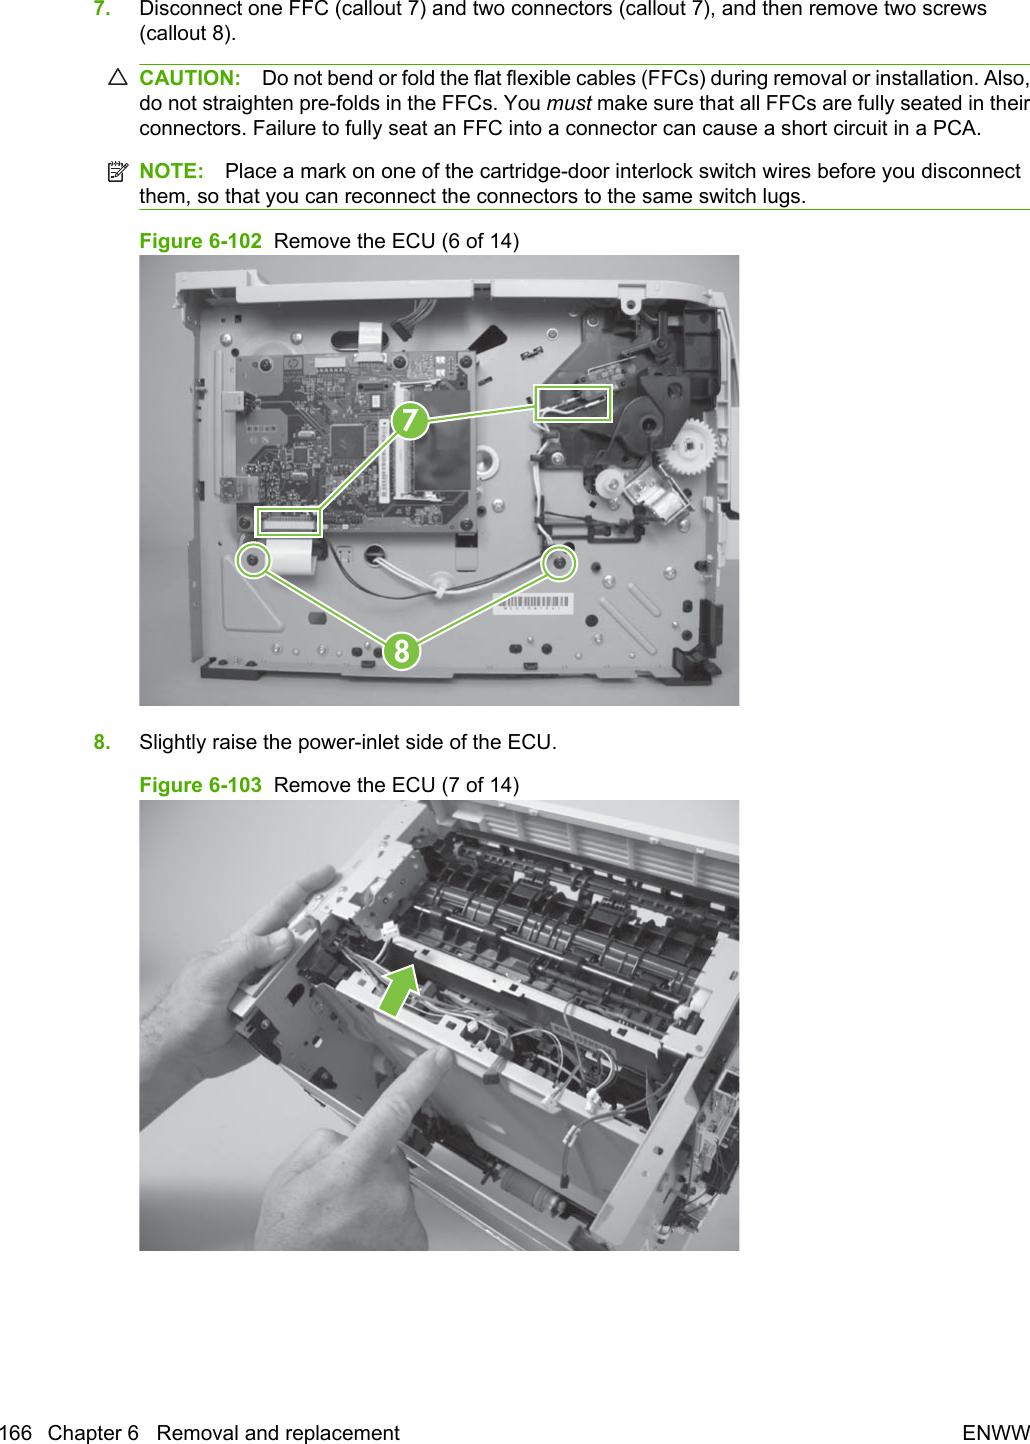 HP LaserJet P2050 And P2030 Series Printers LJ P2030_P2050